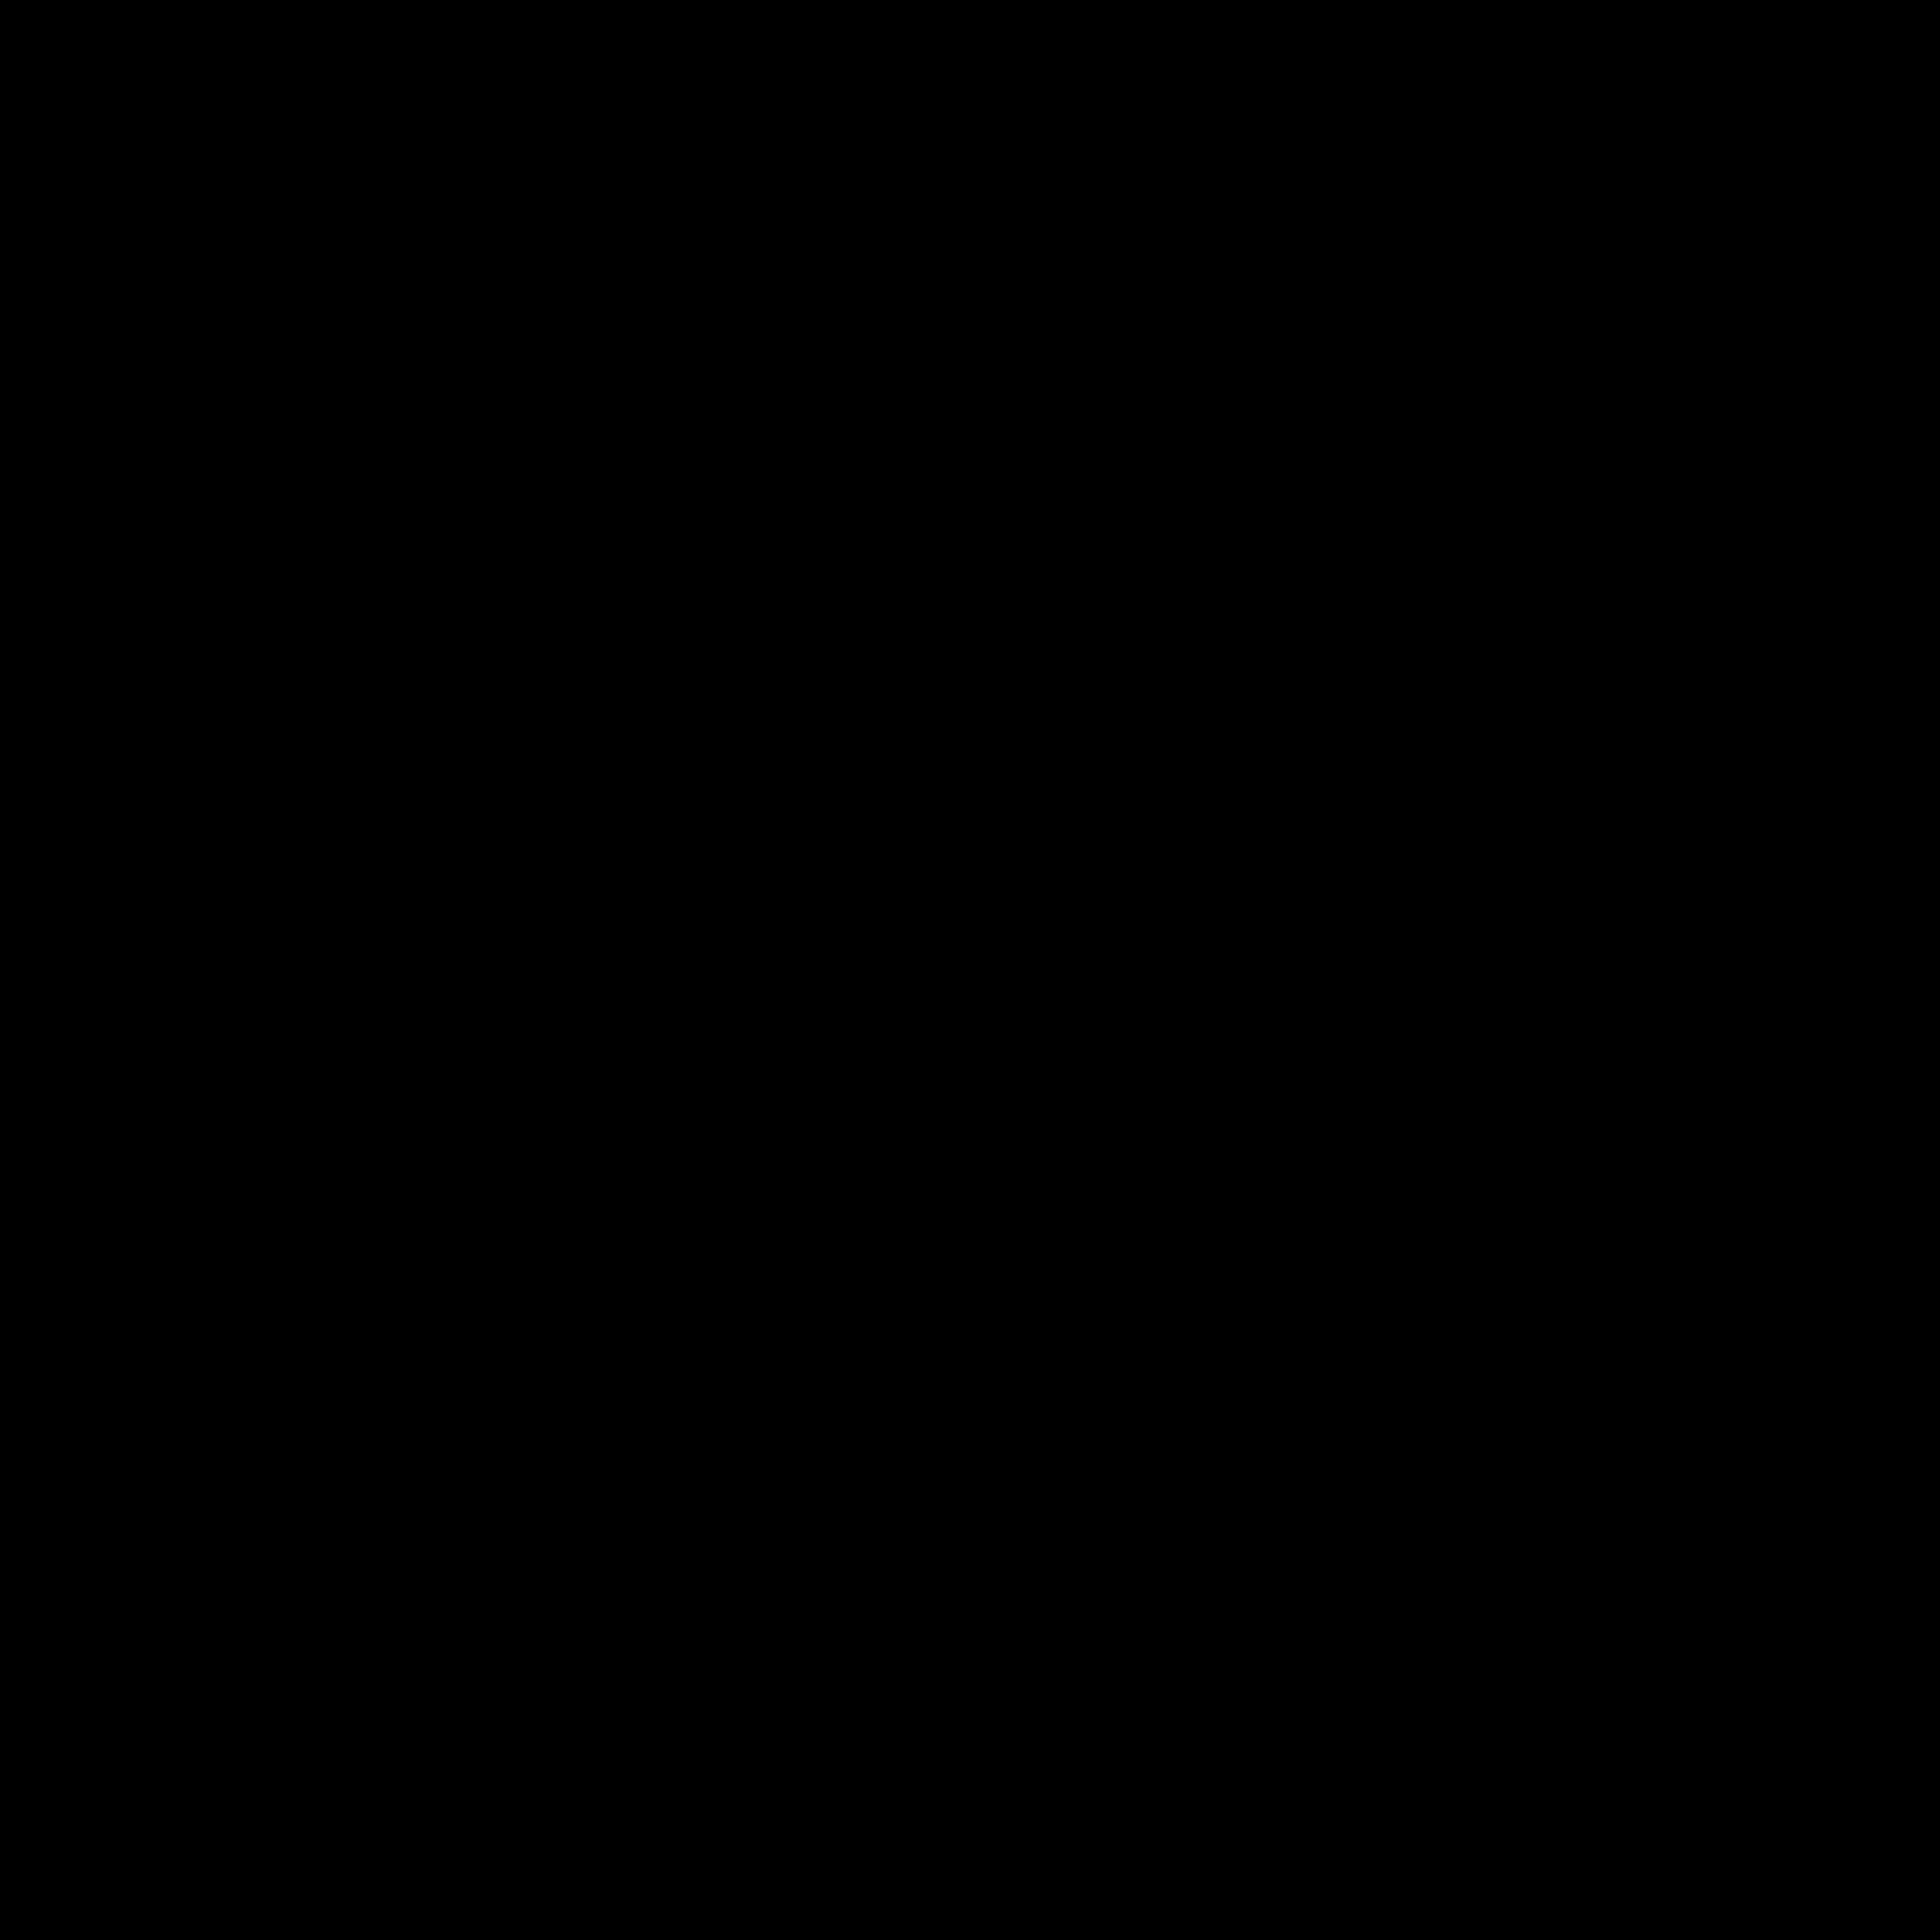 НАСА ще измерва влажността на почвата на Земята